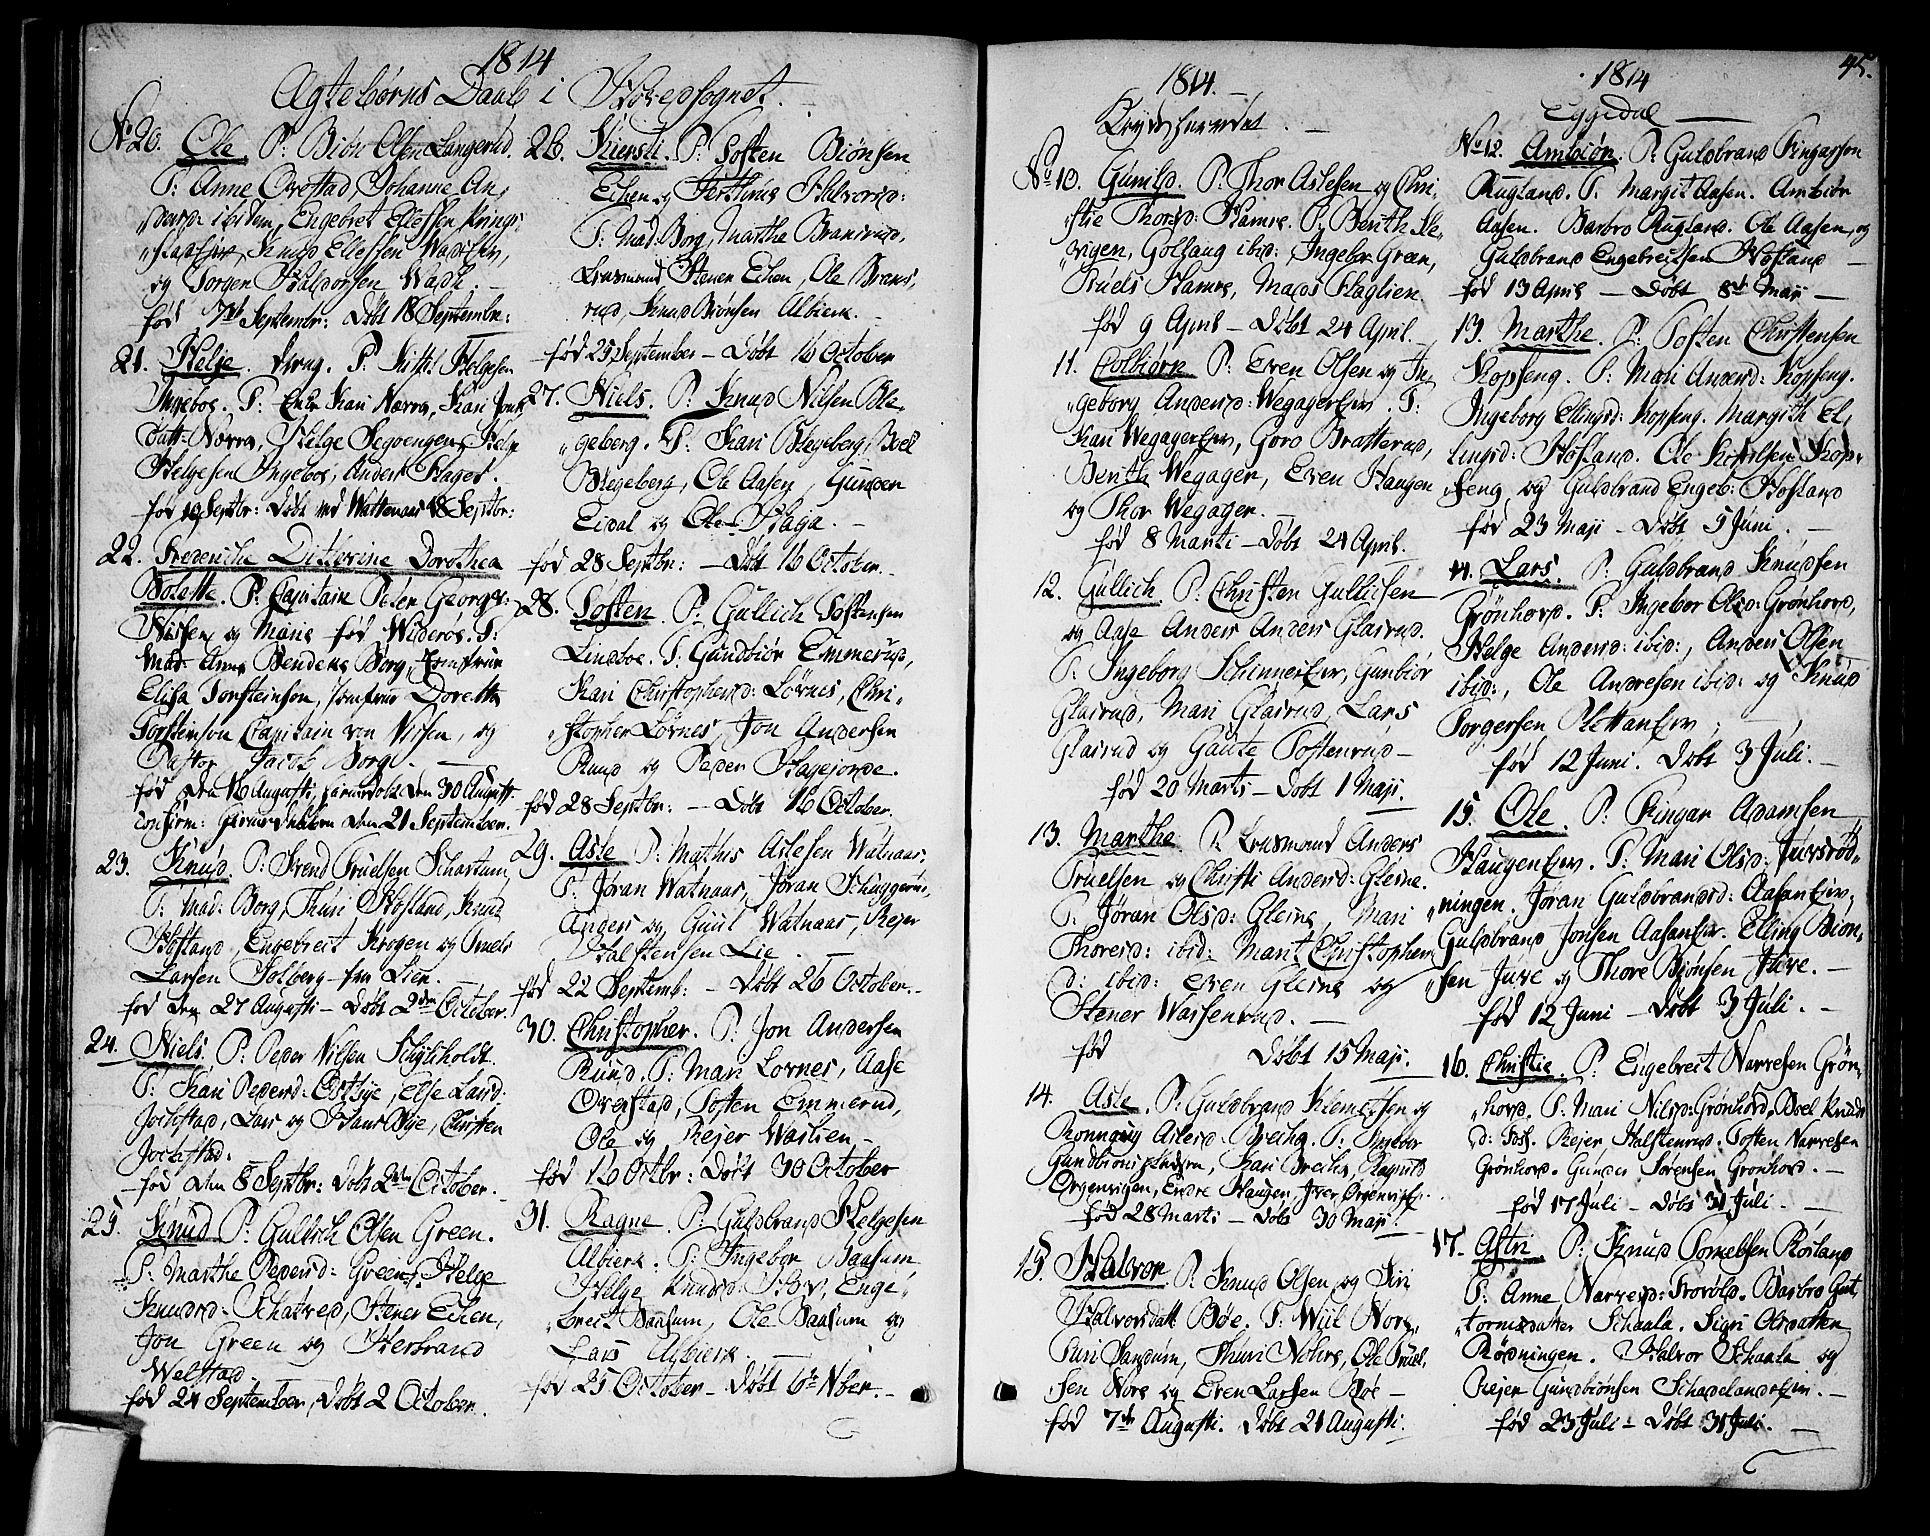 SAKO, Sigdal kirkebøker, F/Fa/L0004: Ministerialbok nr. I 4, 1812-1815, s. 45